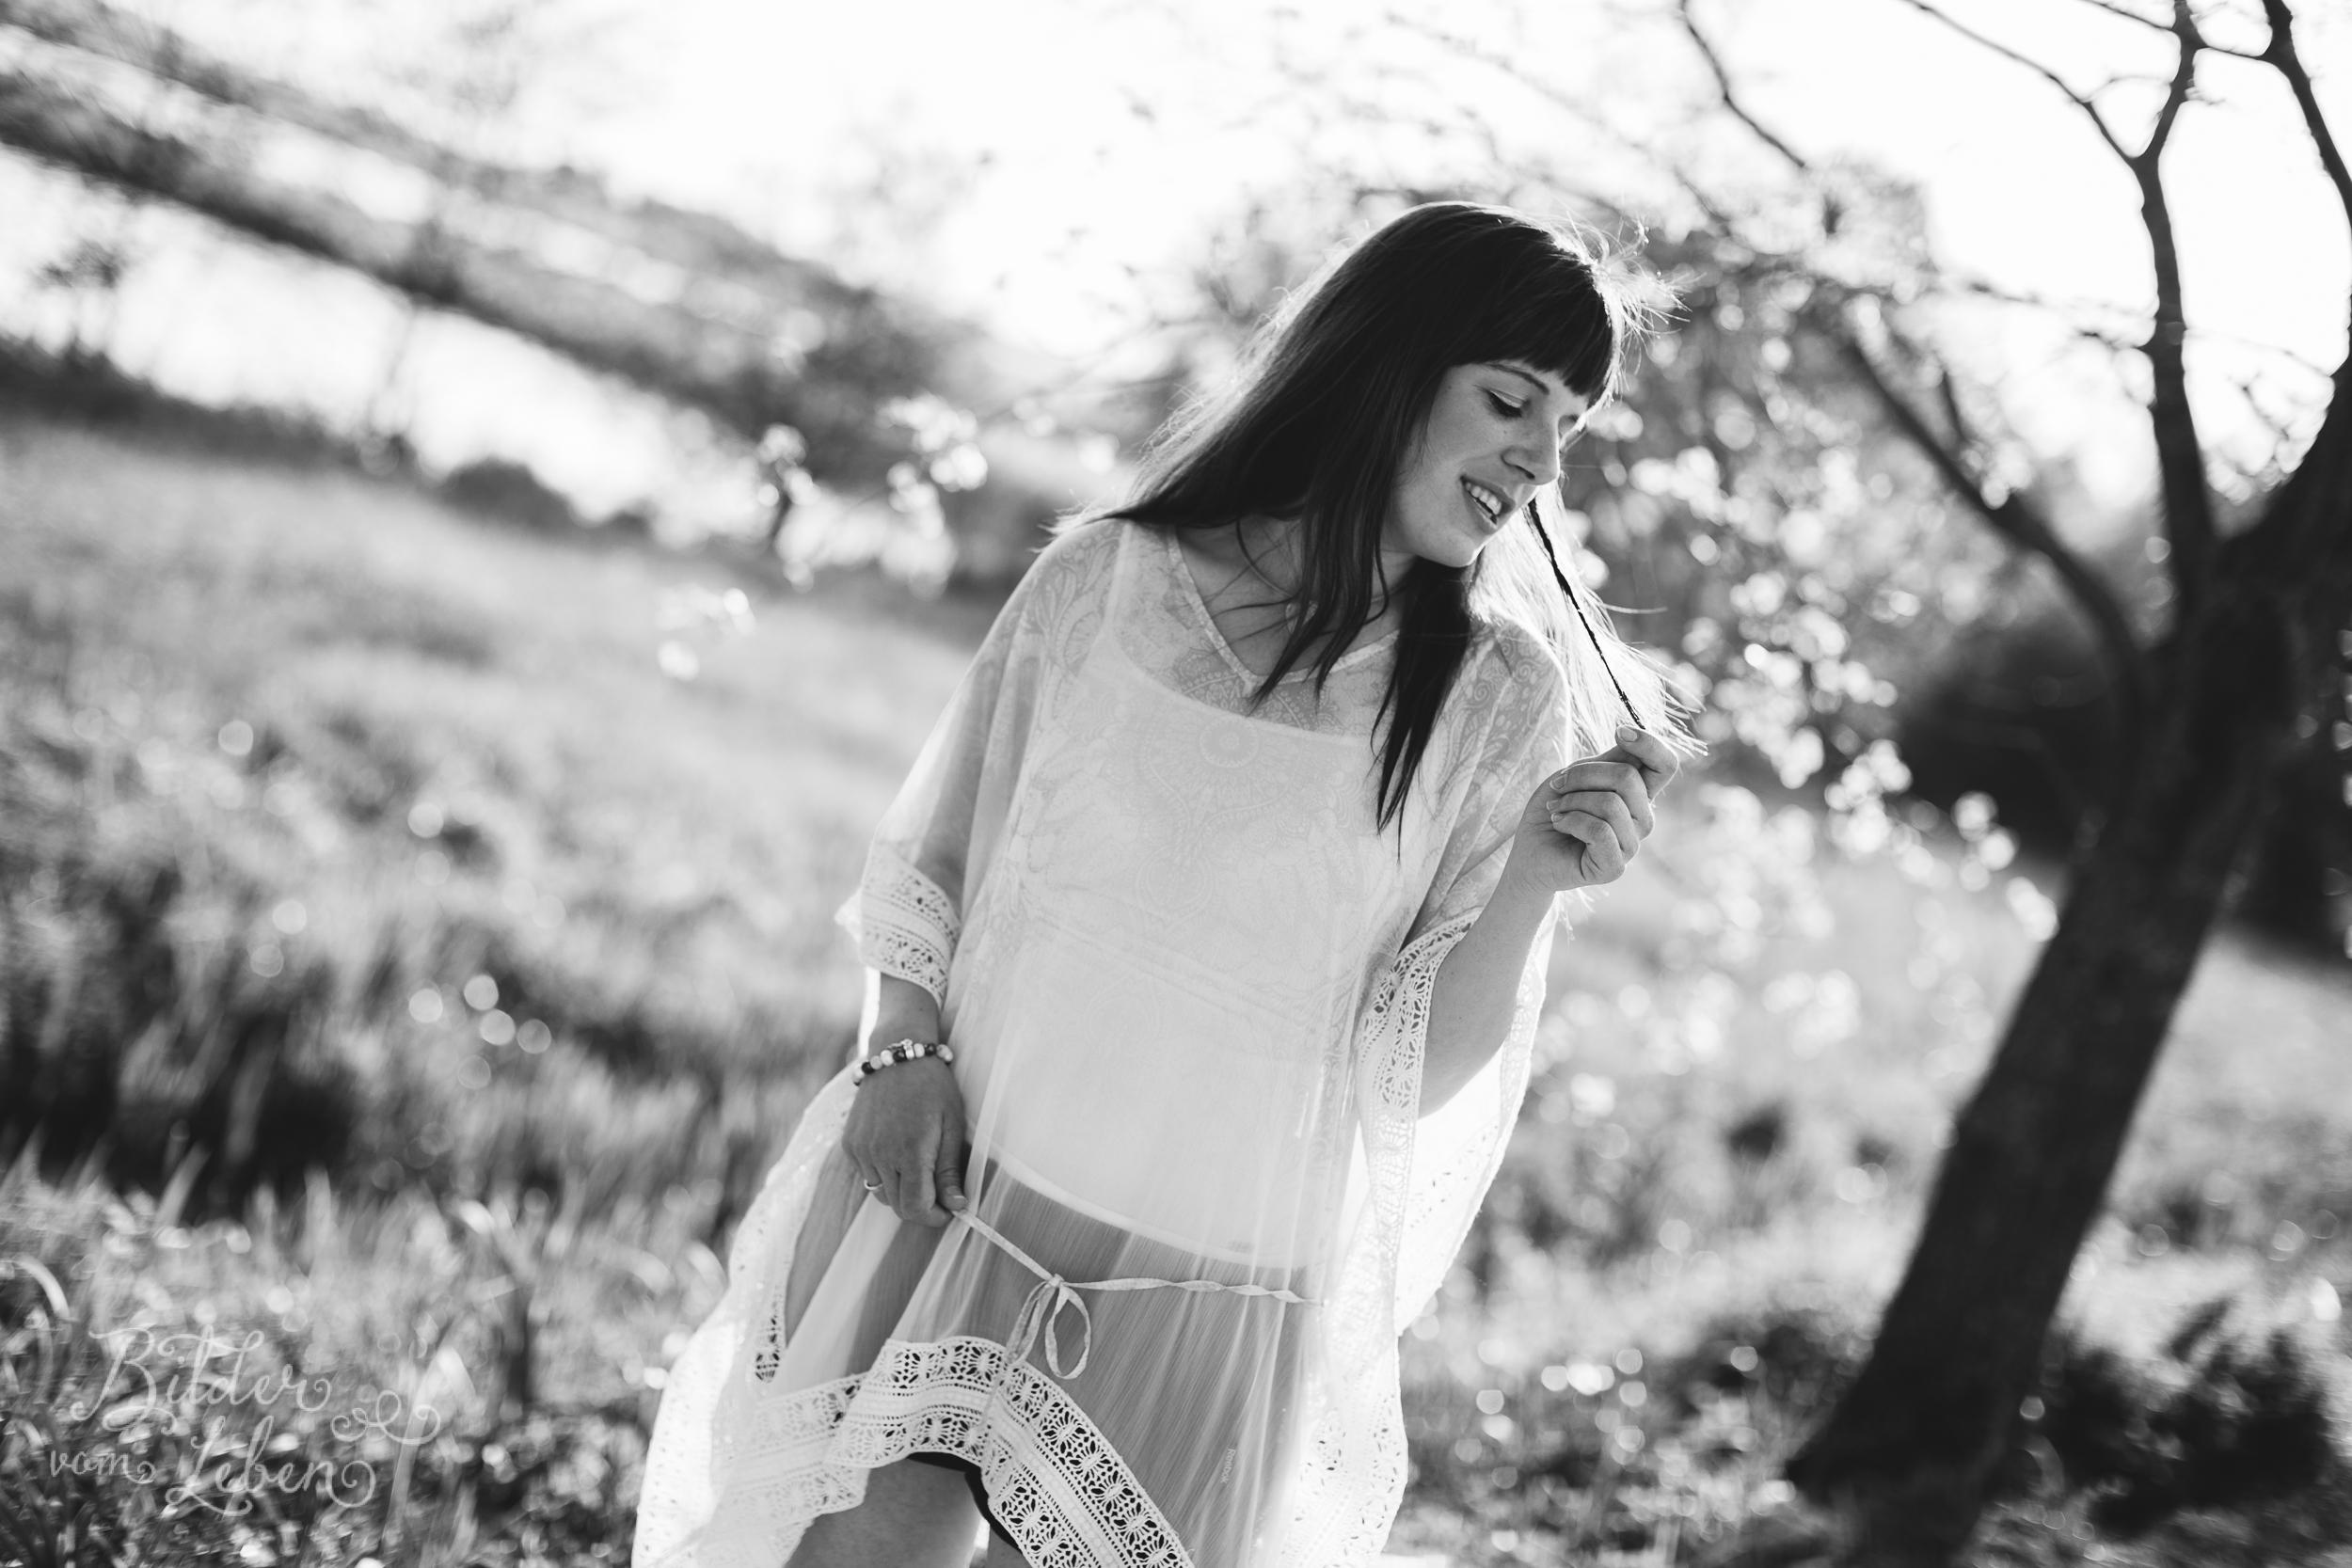 BildervomLeben-Fotografie-Christina-Heinig-Portraits-Gegenlicht-Susanne-2016-5549